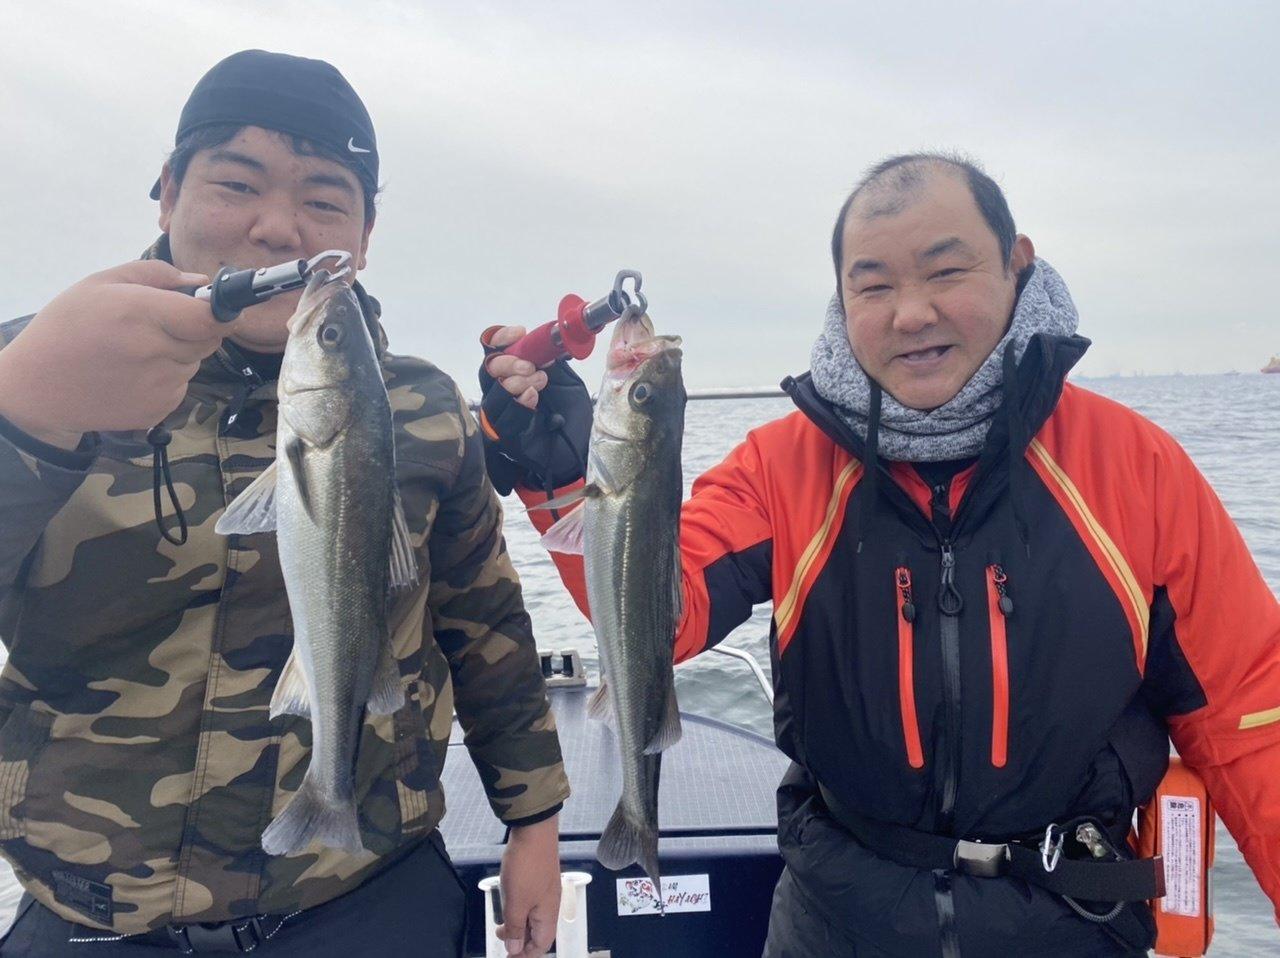 シーバスの数釣りでバラシ多数?!w2021年も、よろしくお願いします!